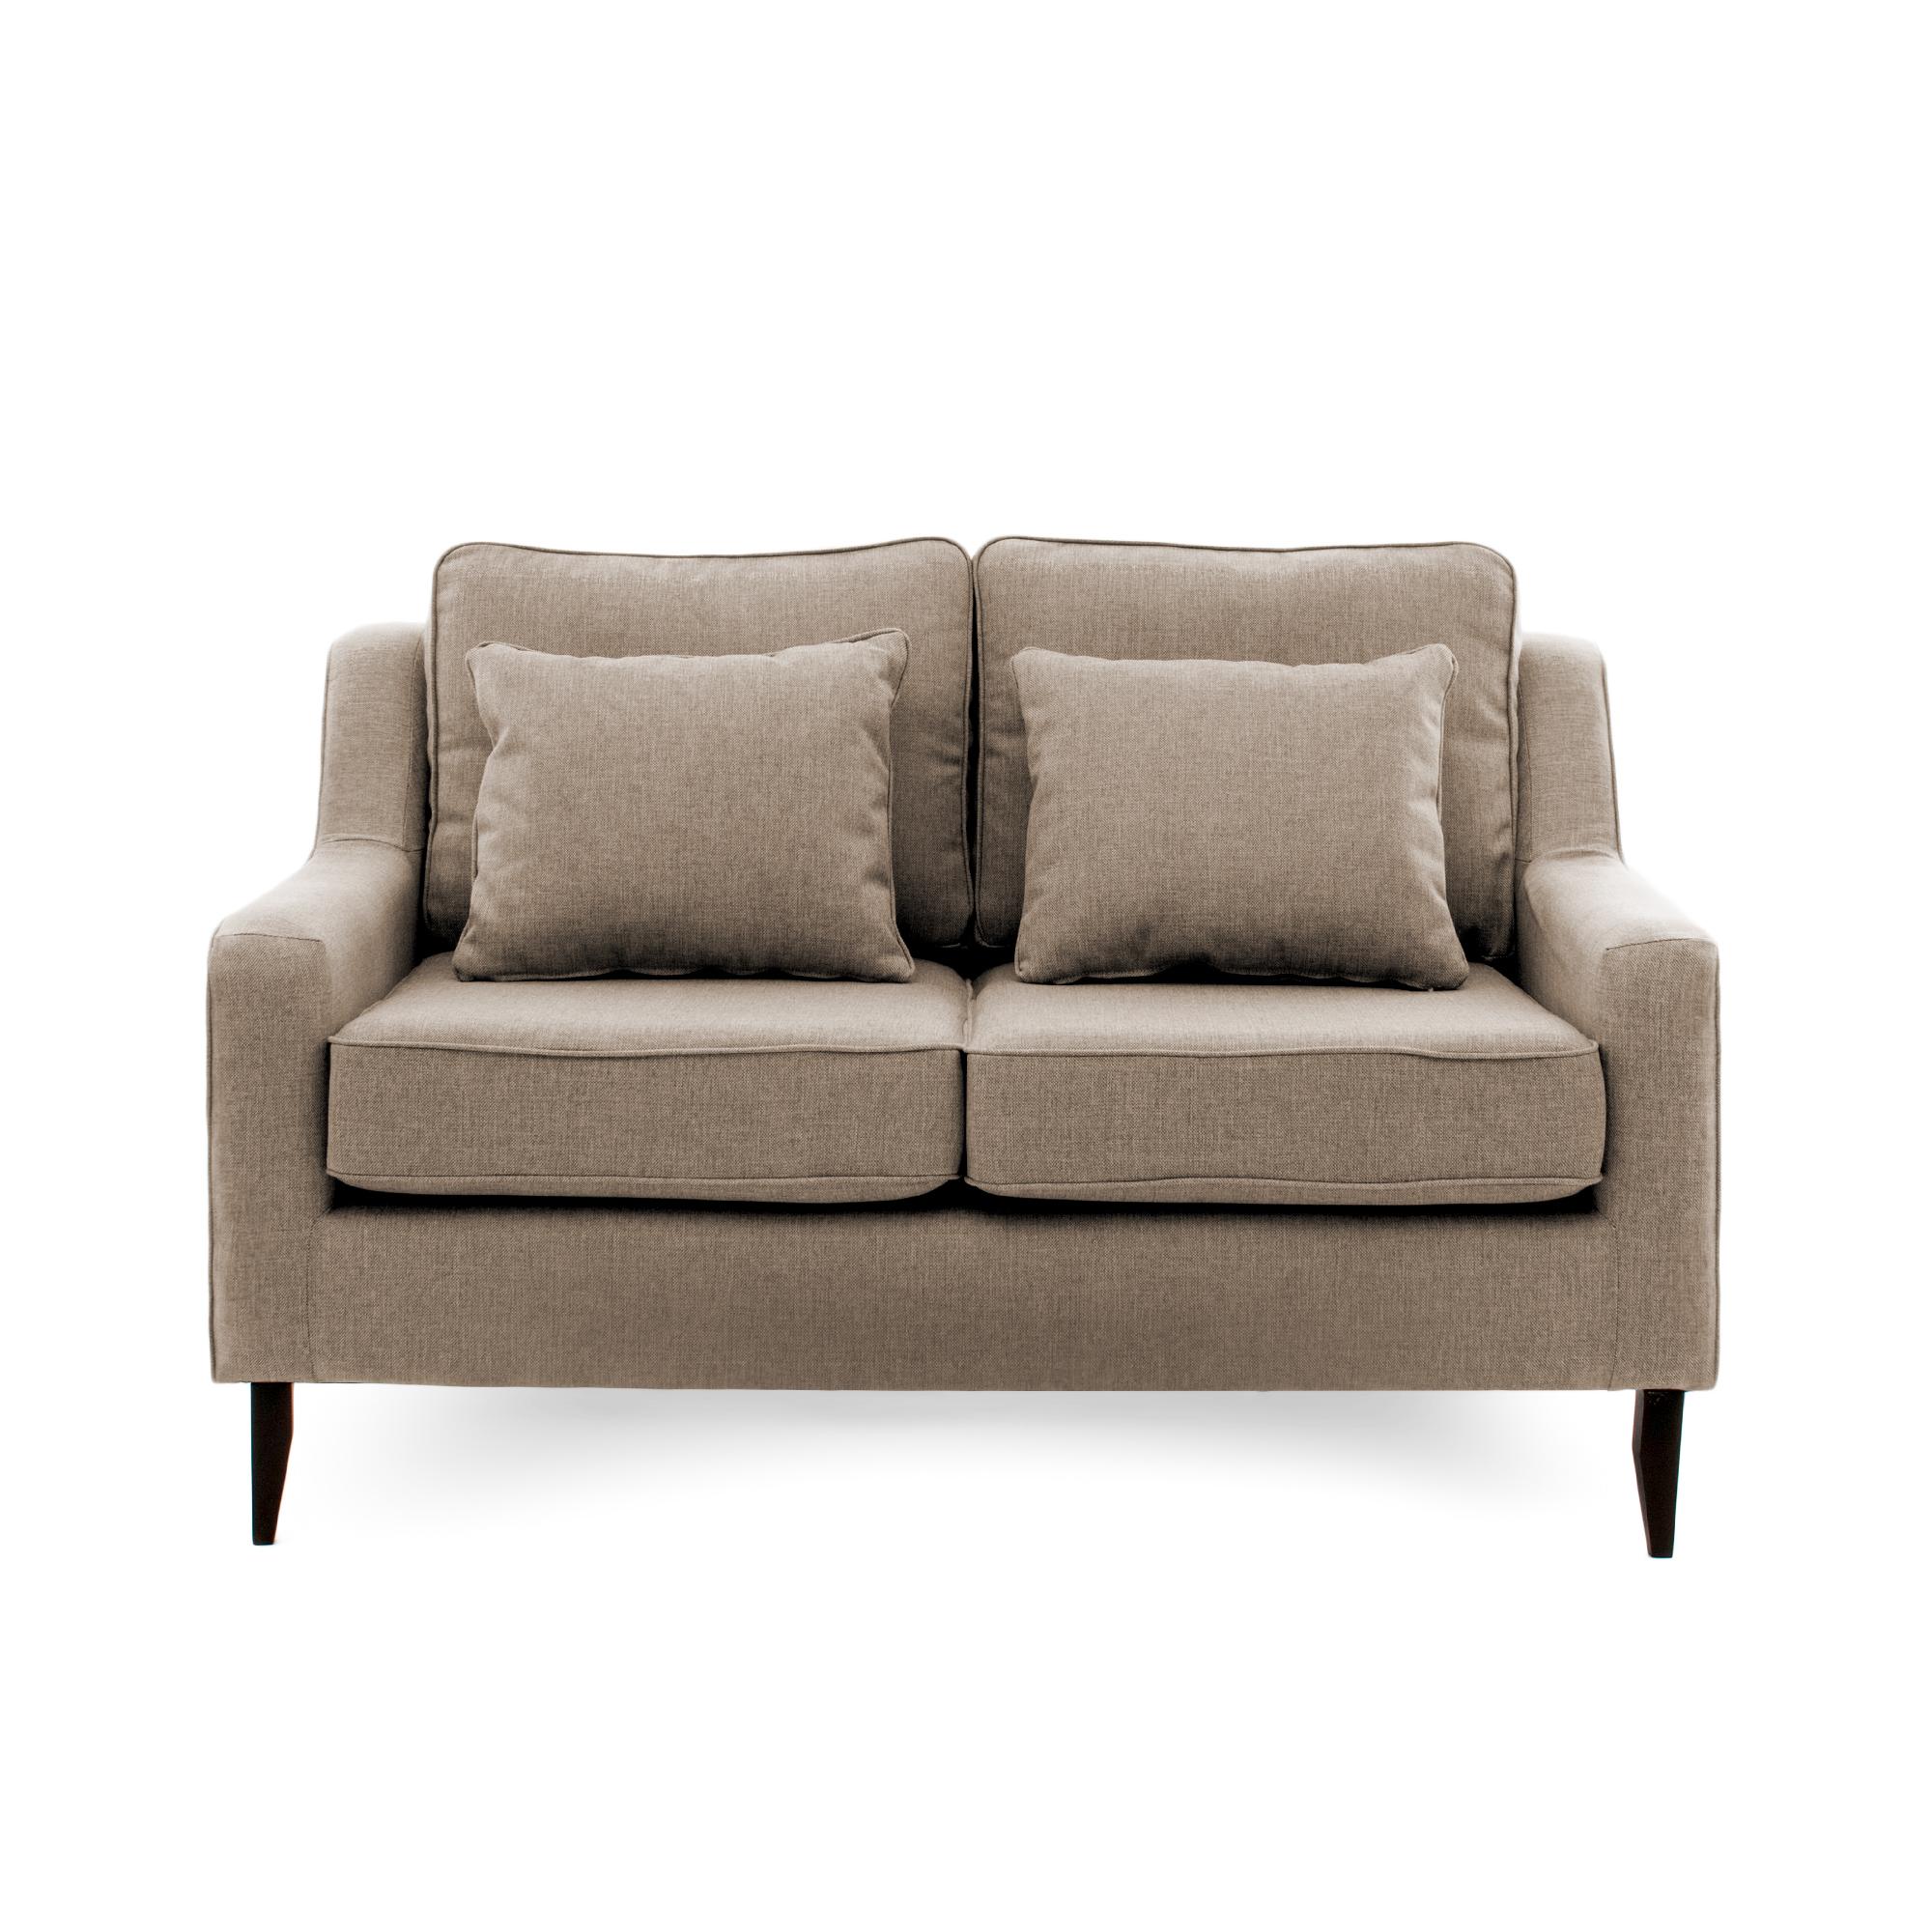 Canapea Fixa 2 locuri Bond Beige